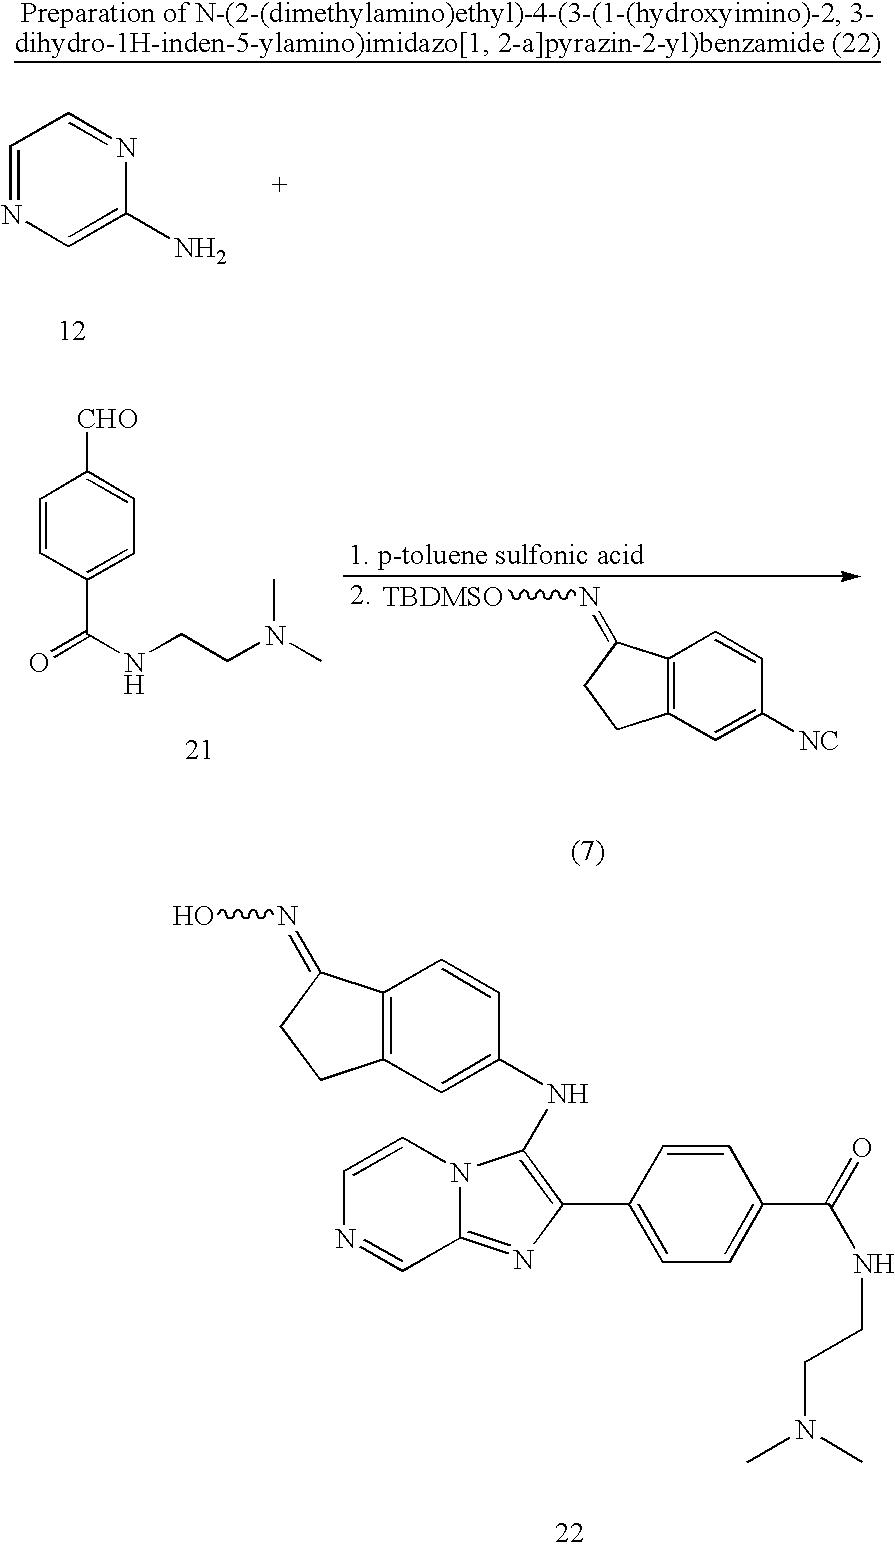 Figure US07566716-20090728-C00025